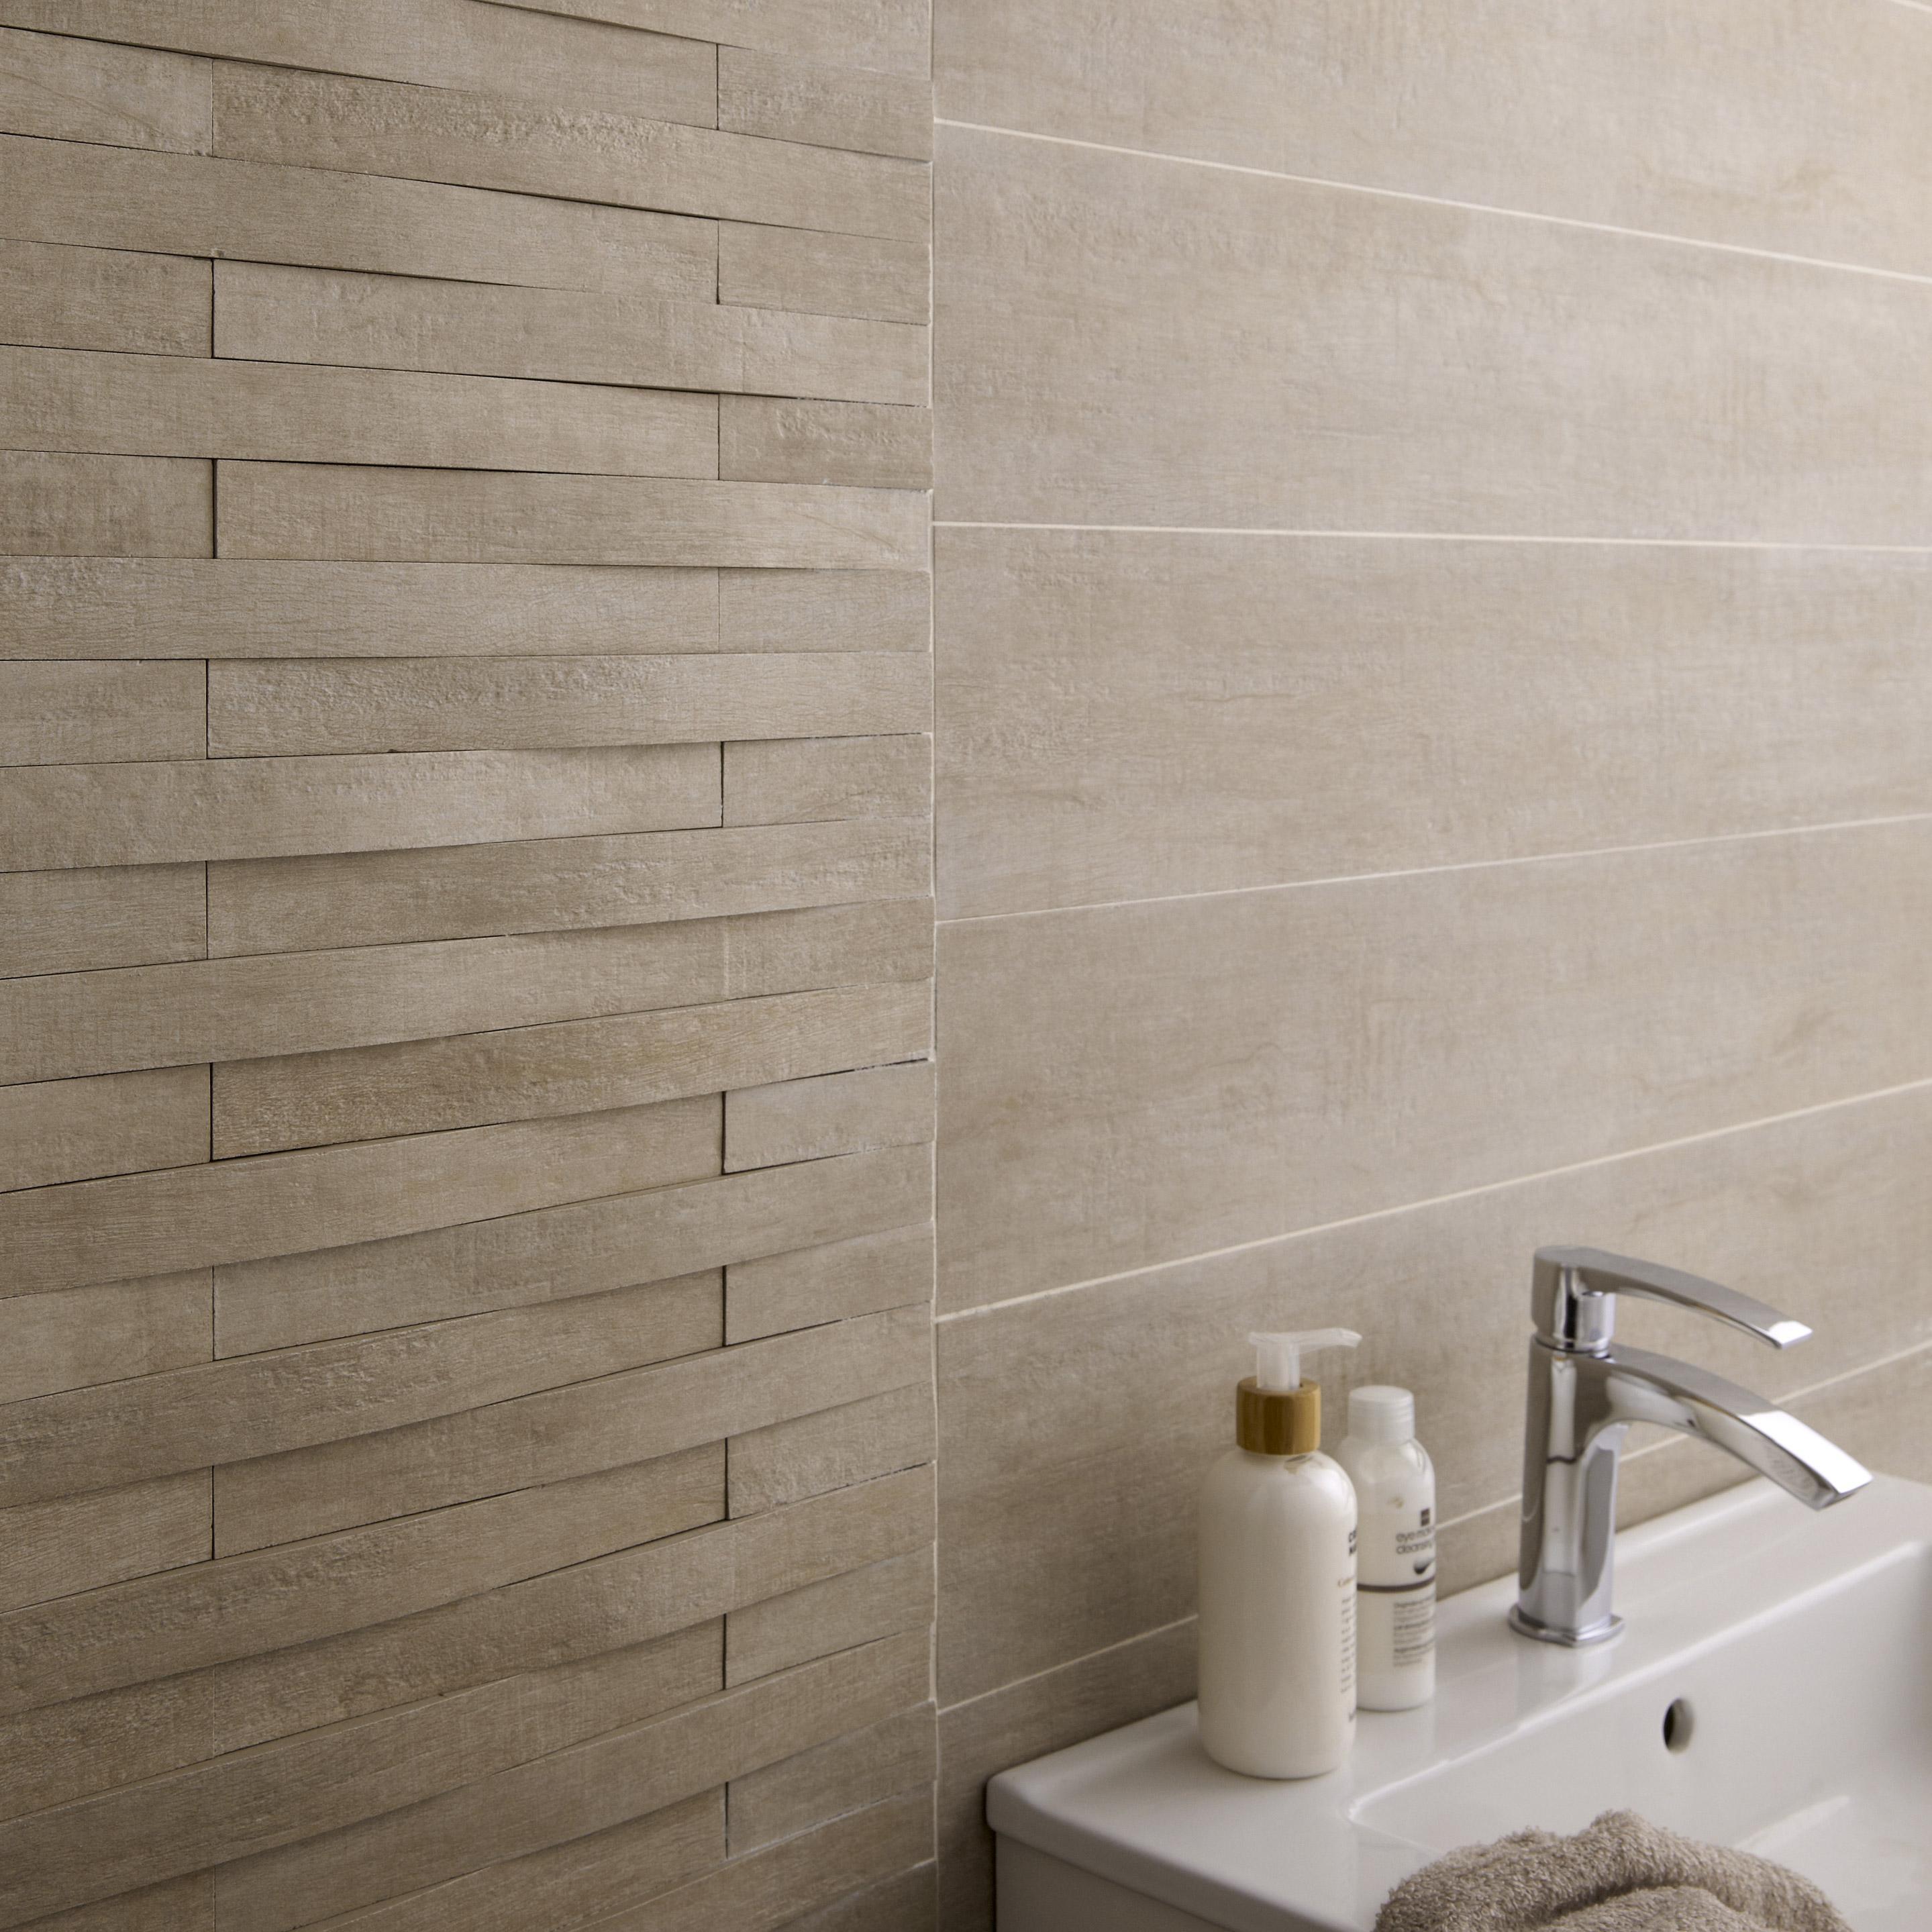 Carrelage mur et sol bois beige mat l.15 x L.90 cm, Taiga